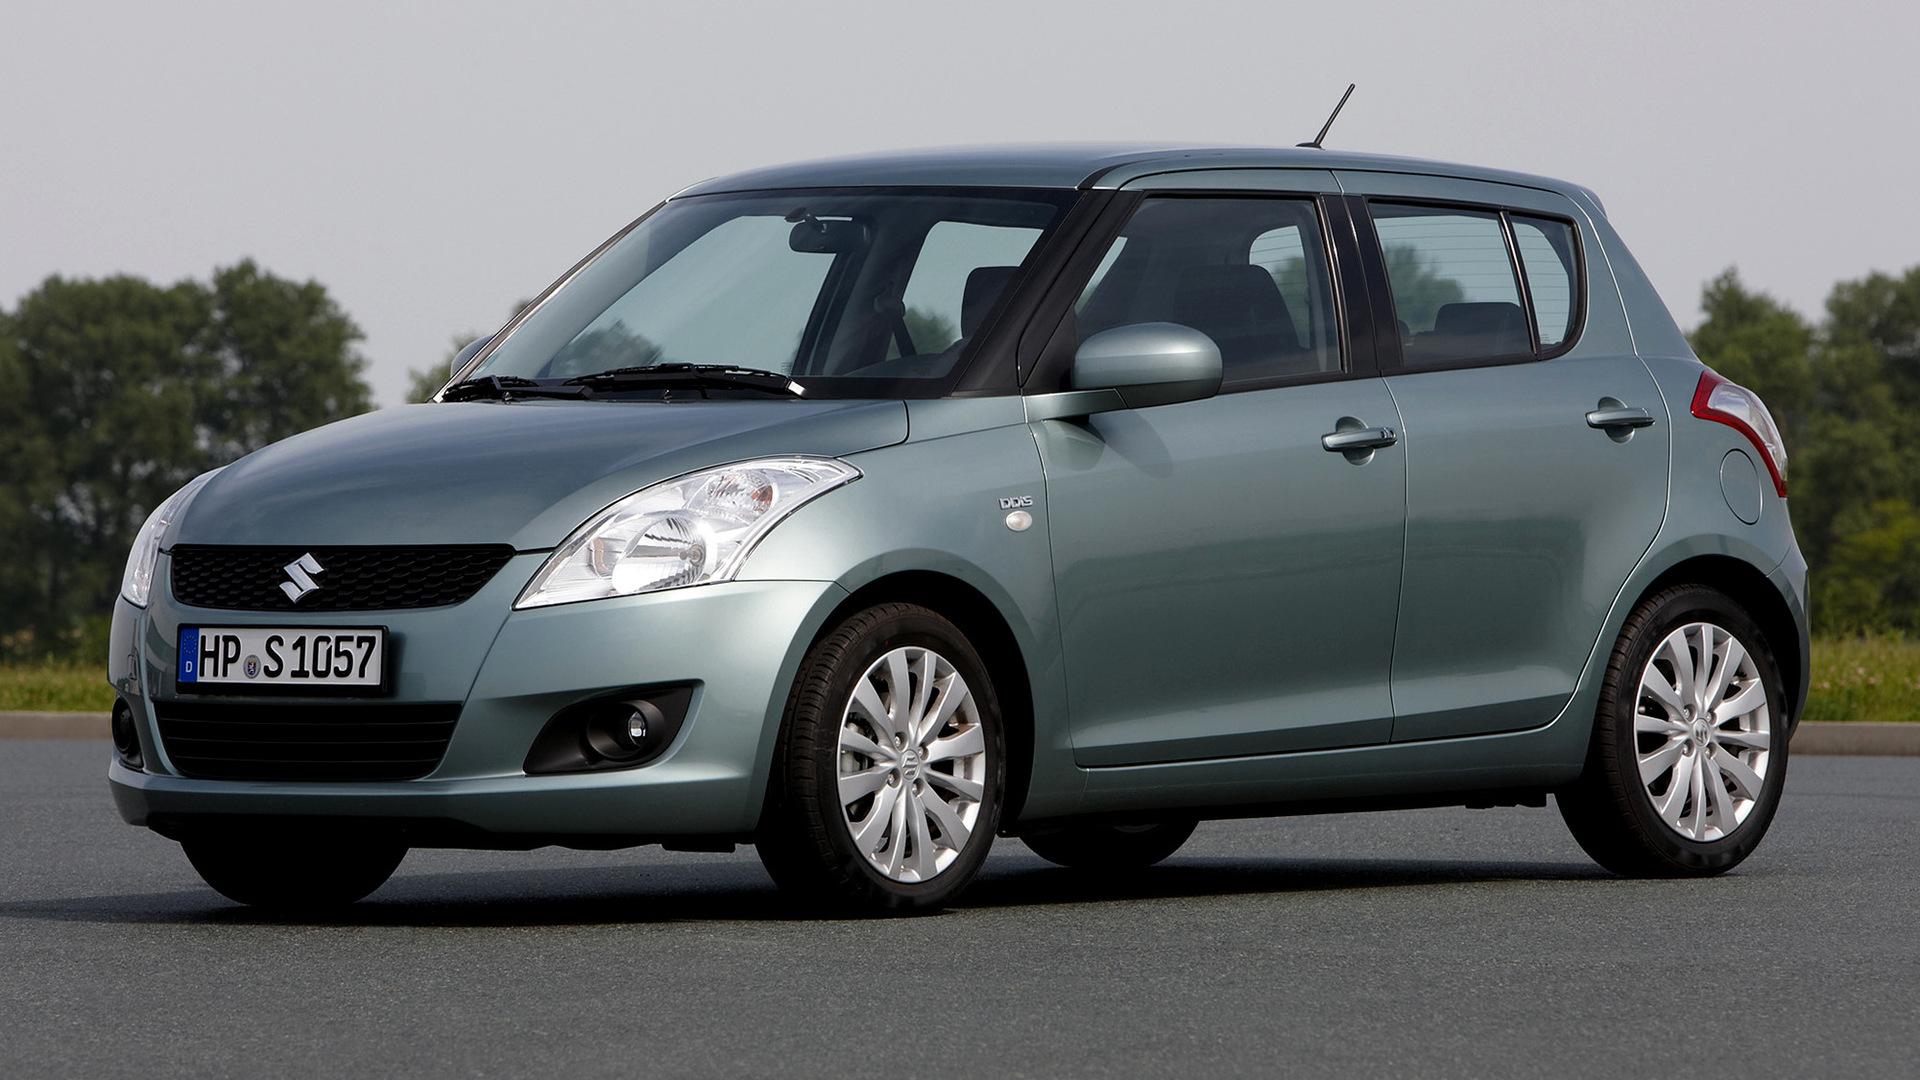 Suzuki Swift 5-door (2010) Wallpapers and HD Images - Car Pixel